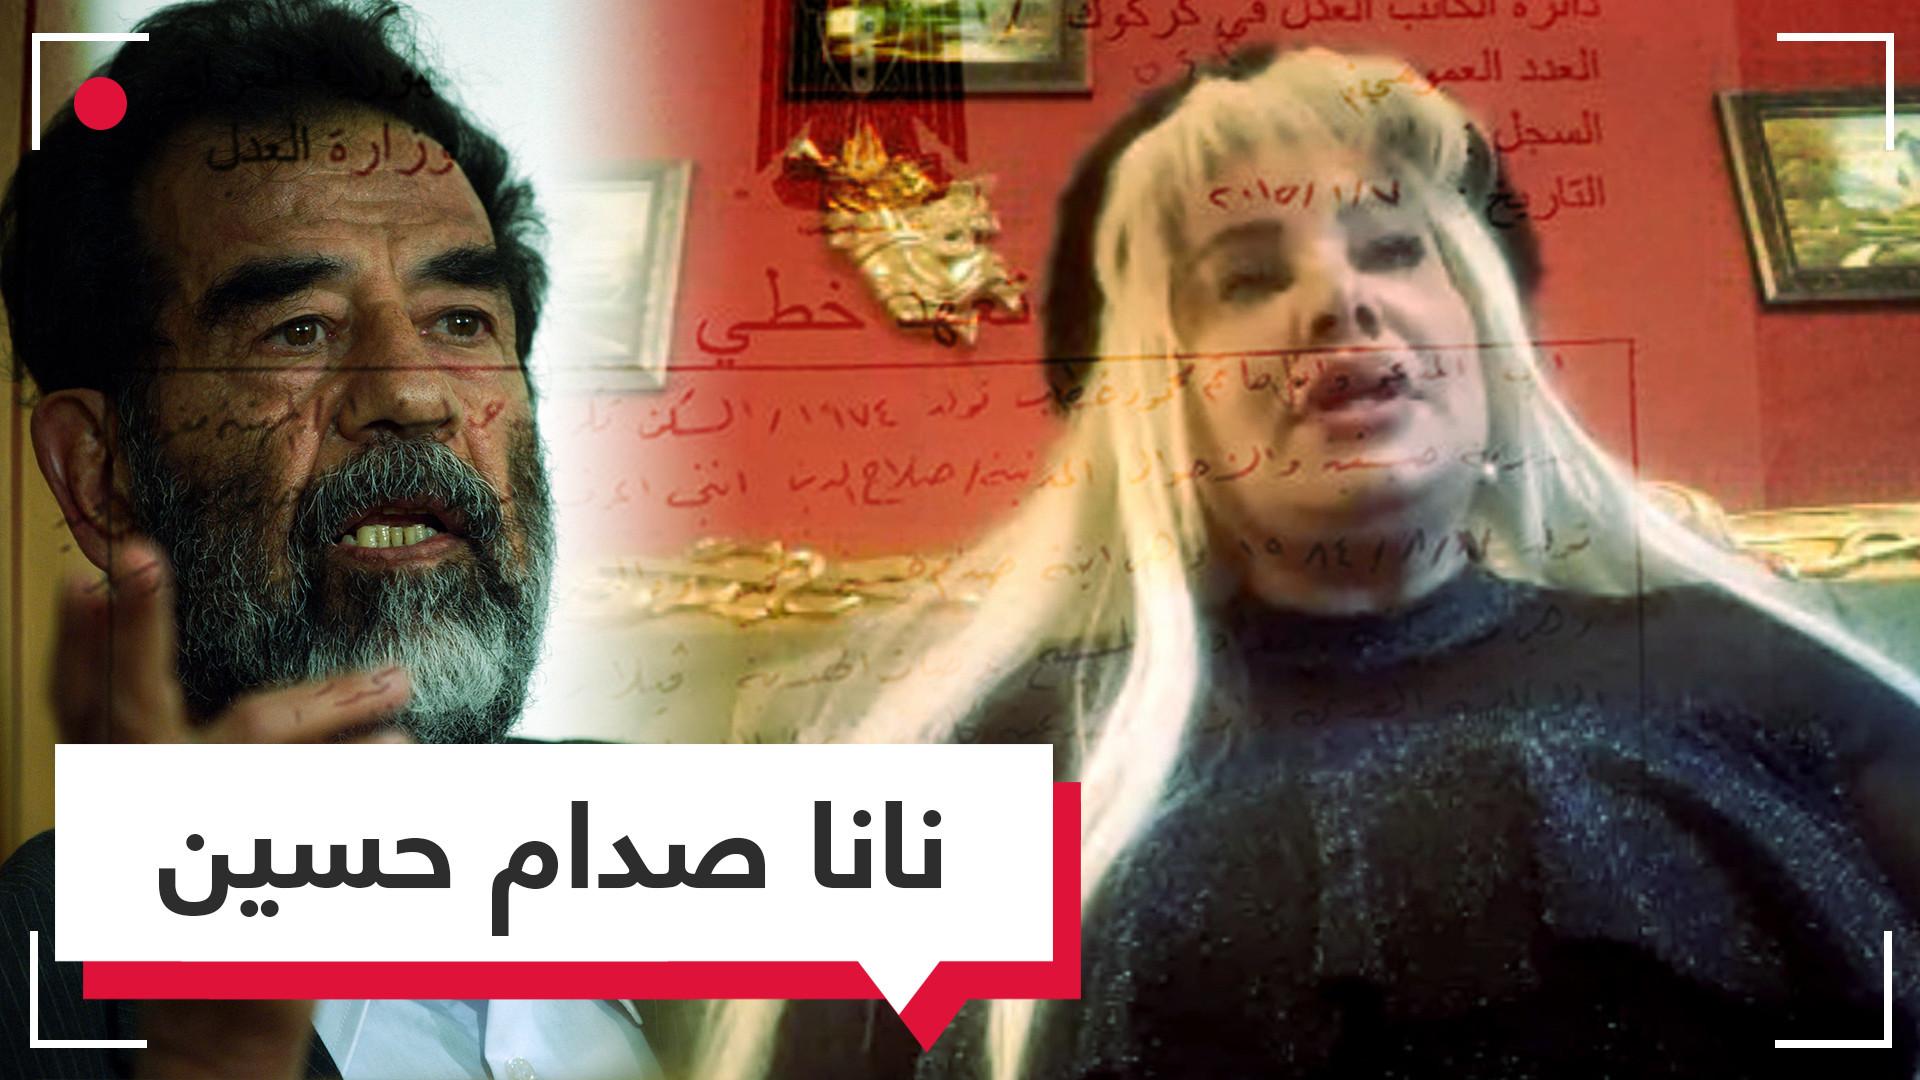 """عراقية تقول إنها ابنة صدام حسين.. تملك """"وثائق حكومية تثبت ذلك"""" وتطالب بإجراء تحاليل طبية للتأكد"""